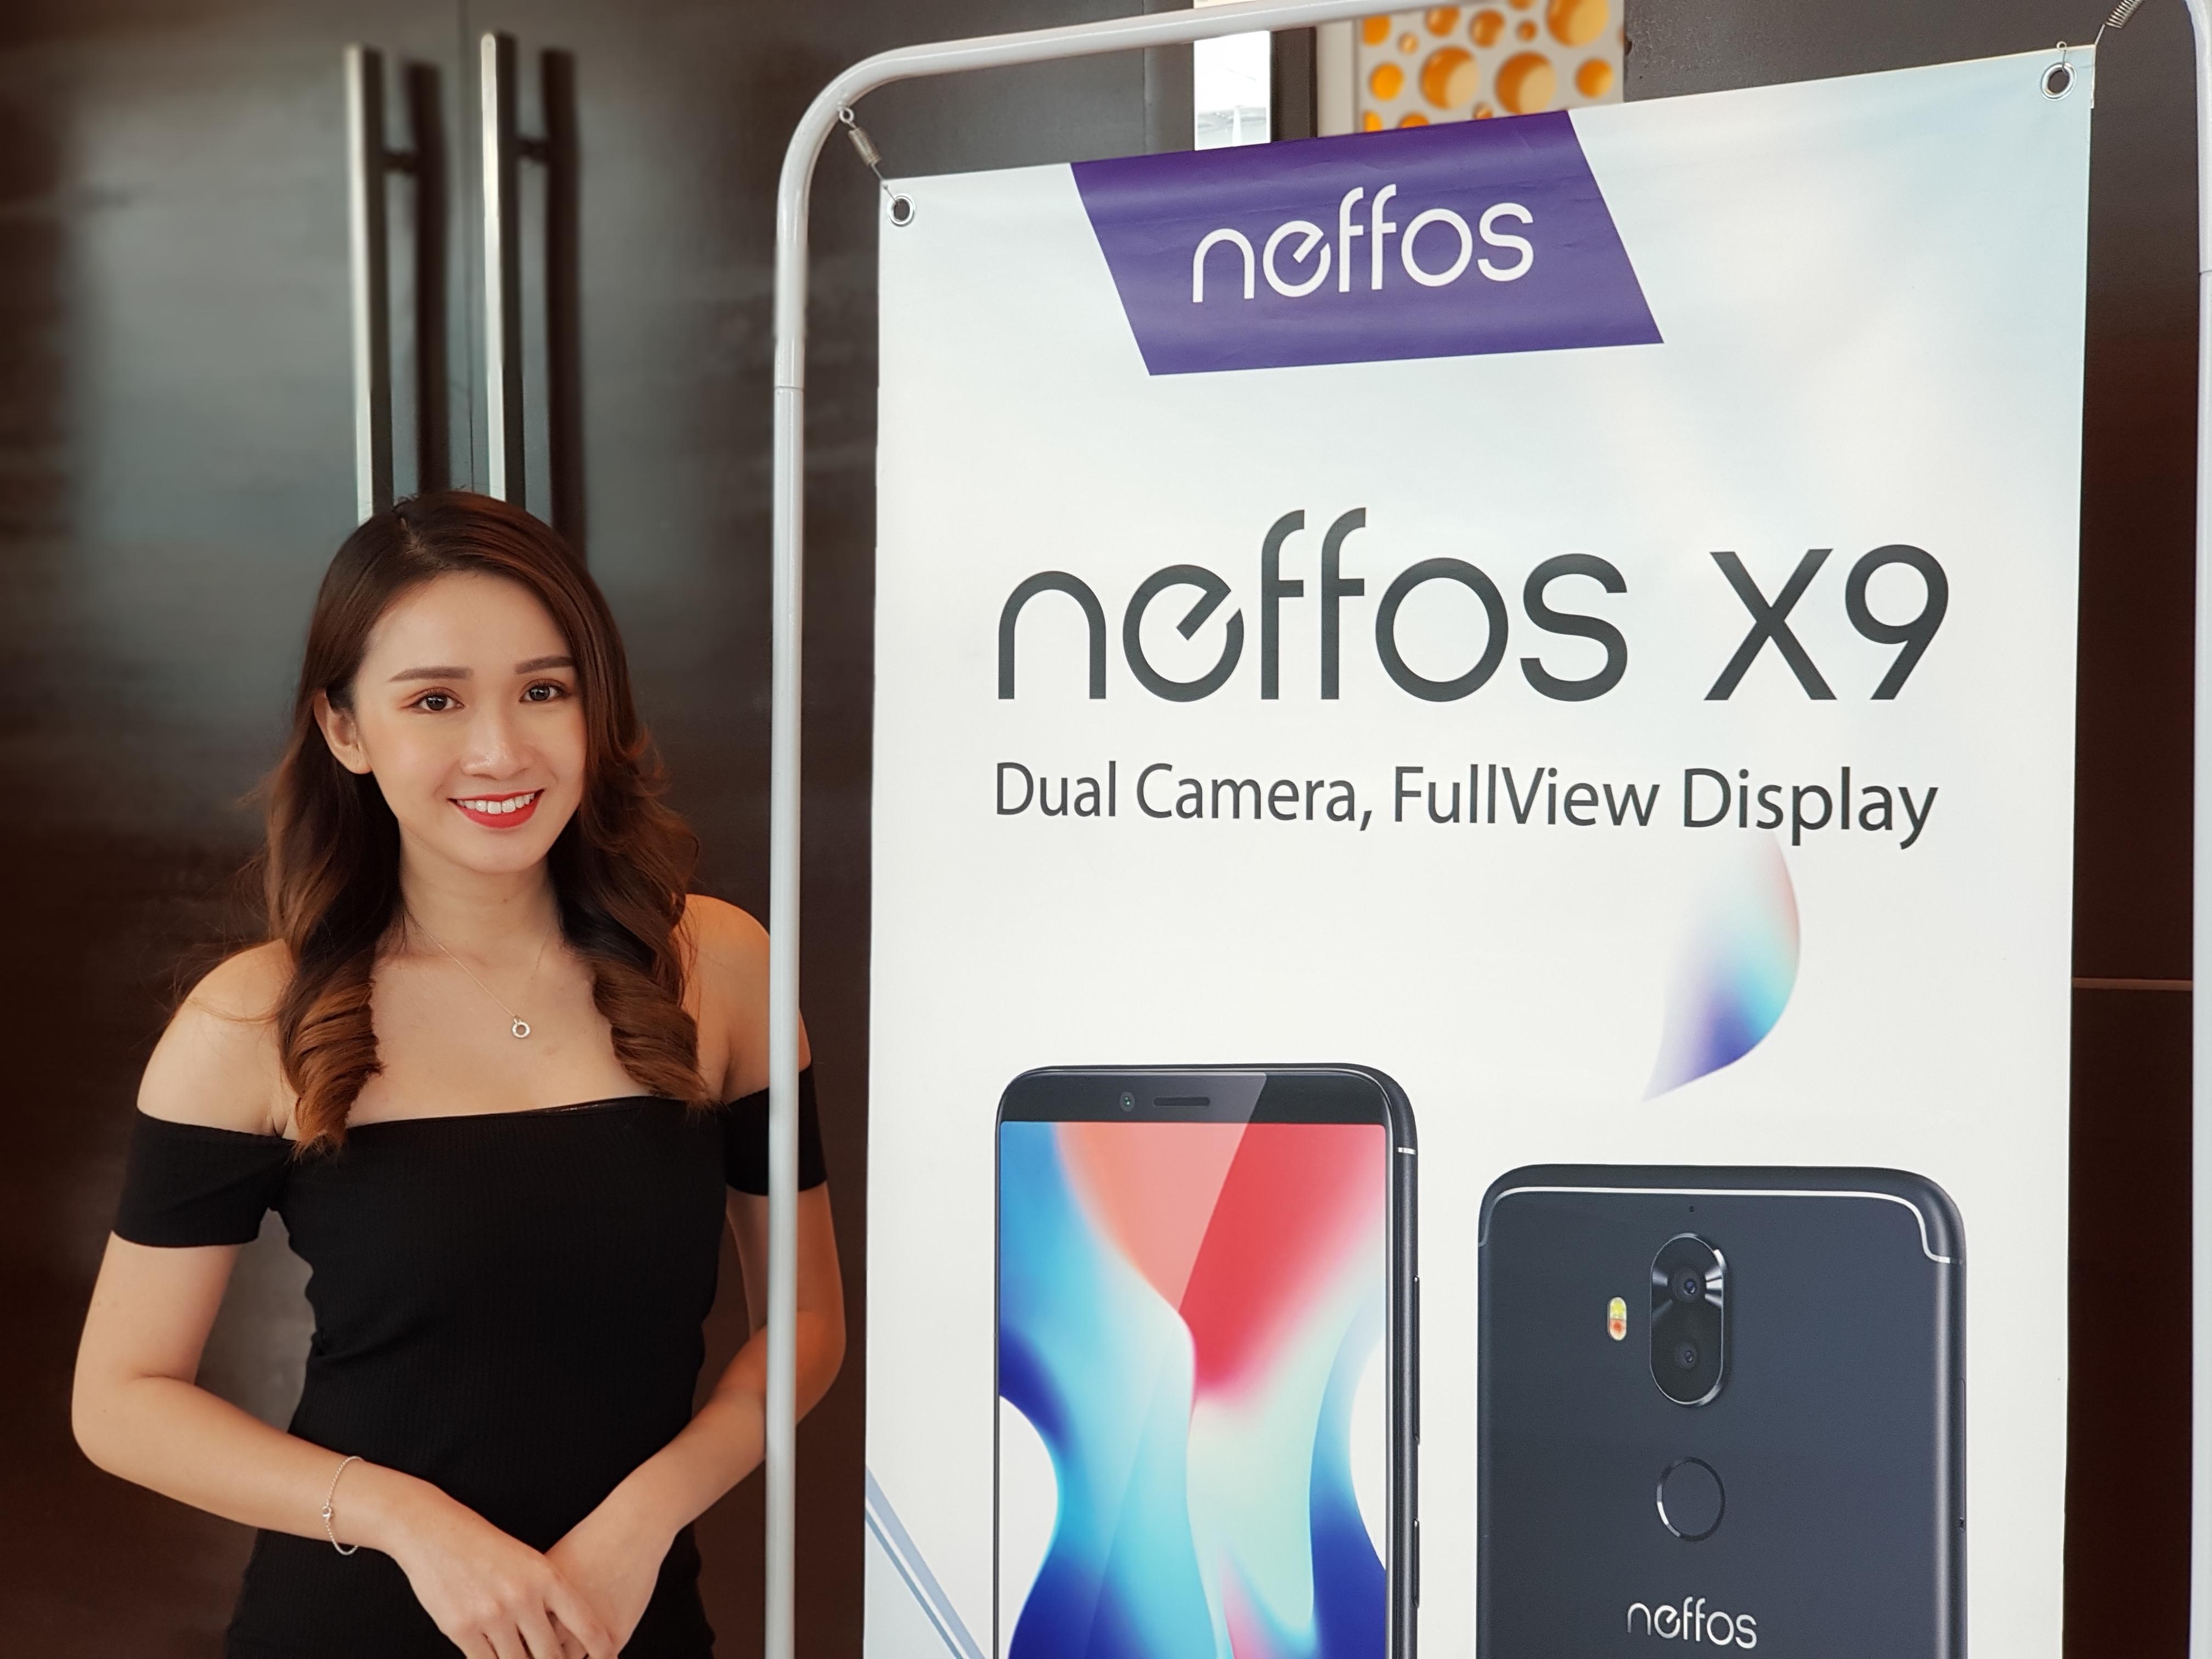 Neffos系列新机发布!Neffos C7A、C9、C9A、X9等入门中端齐发,售价RM359起!